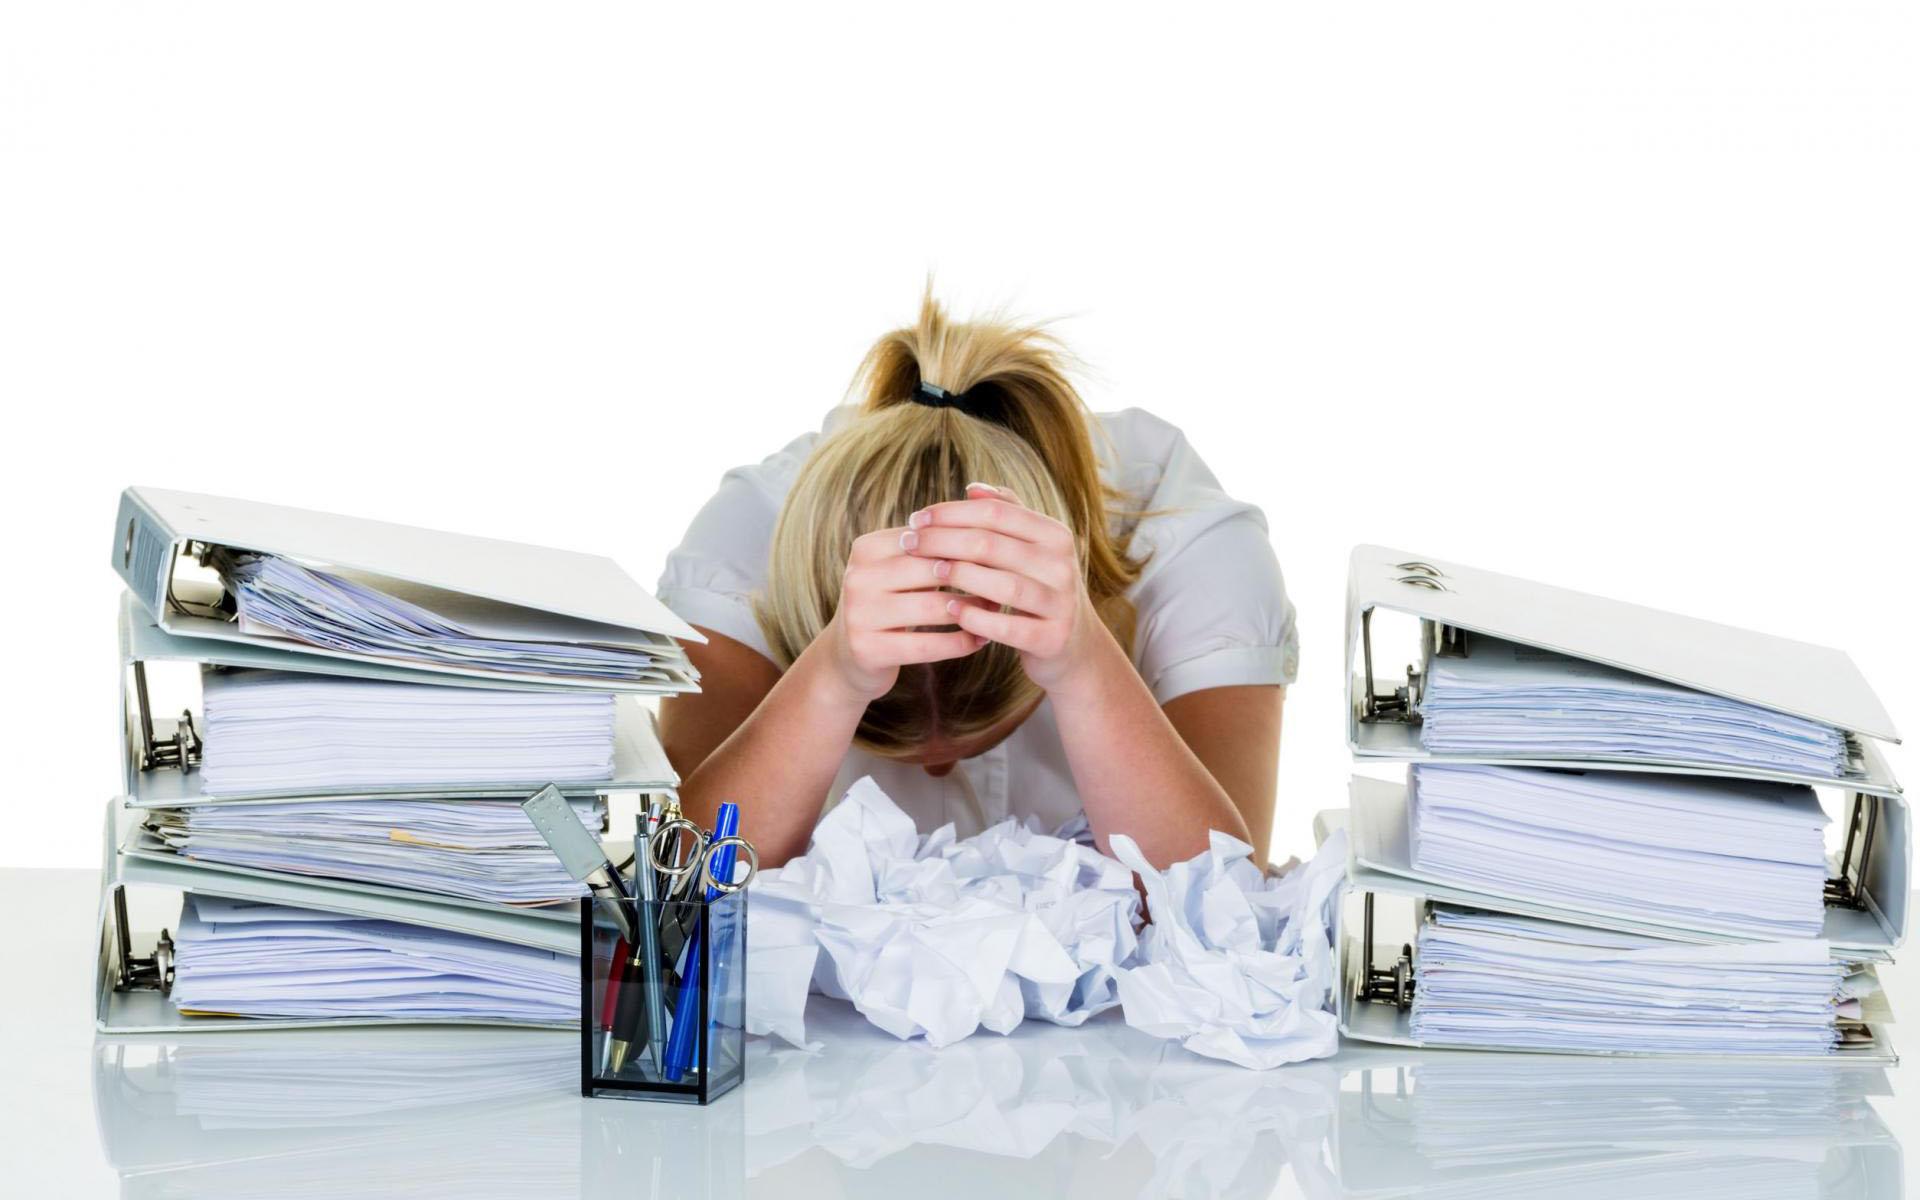 Vous sentez le burnout arriver?